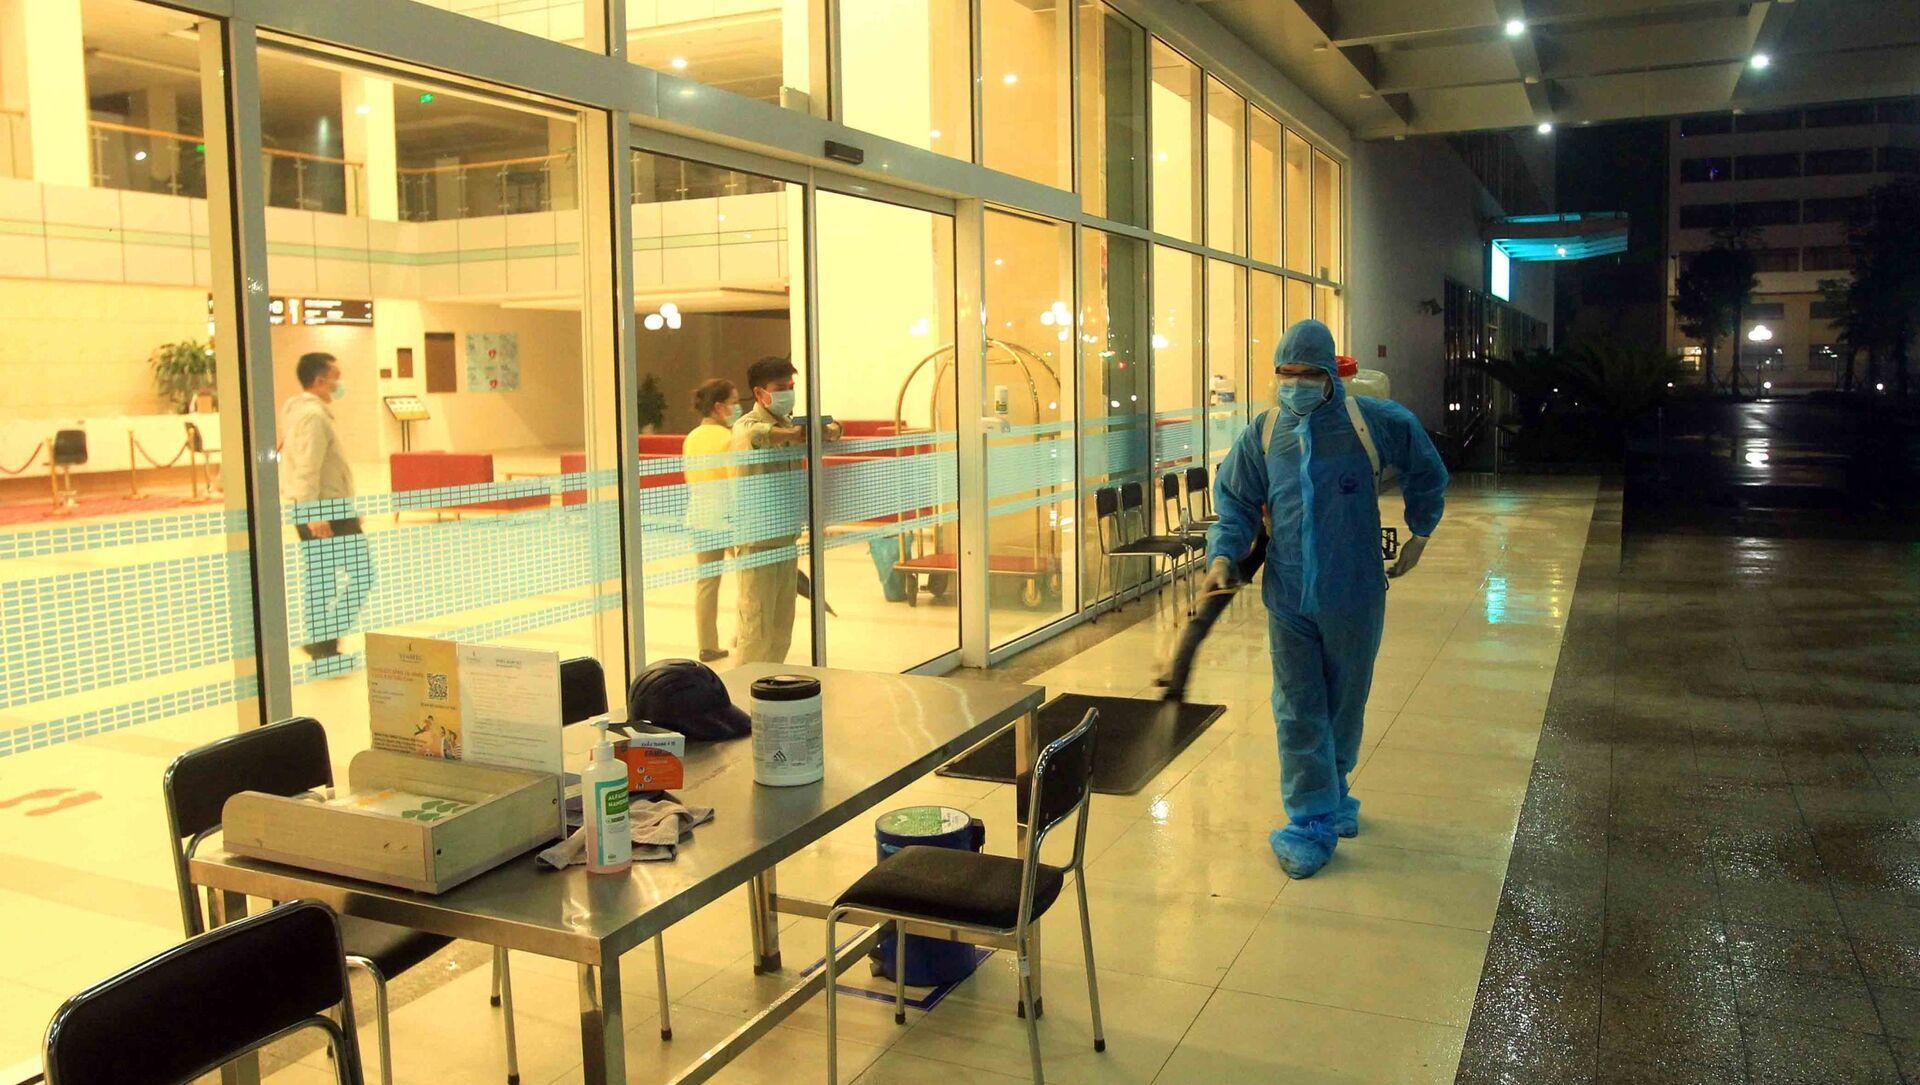 Nhân viên y tế phun thuốc khử trùng tiêu độc ngay trong đêm tại Bệnh viện quốc tế Vinmec Hải Phòng. - Sputnik Việt Nam, 1920, 28.03.2021